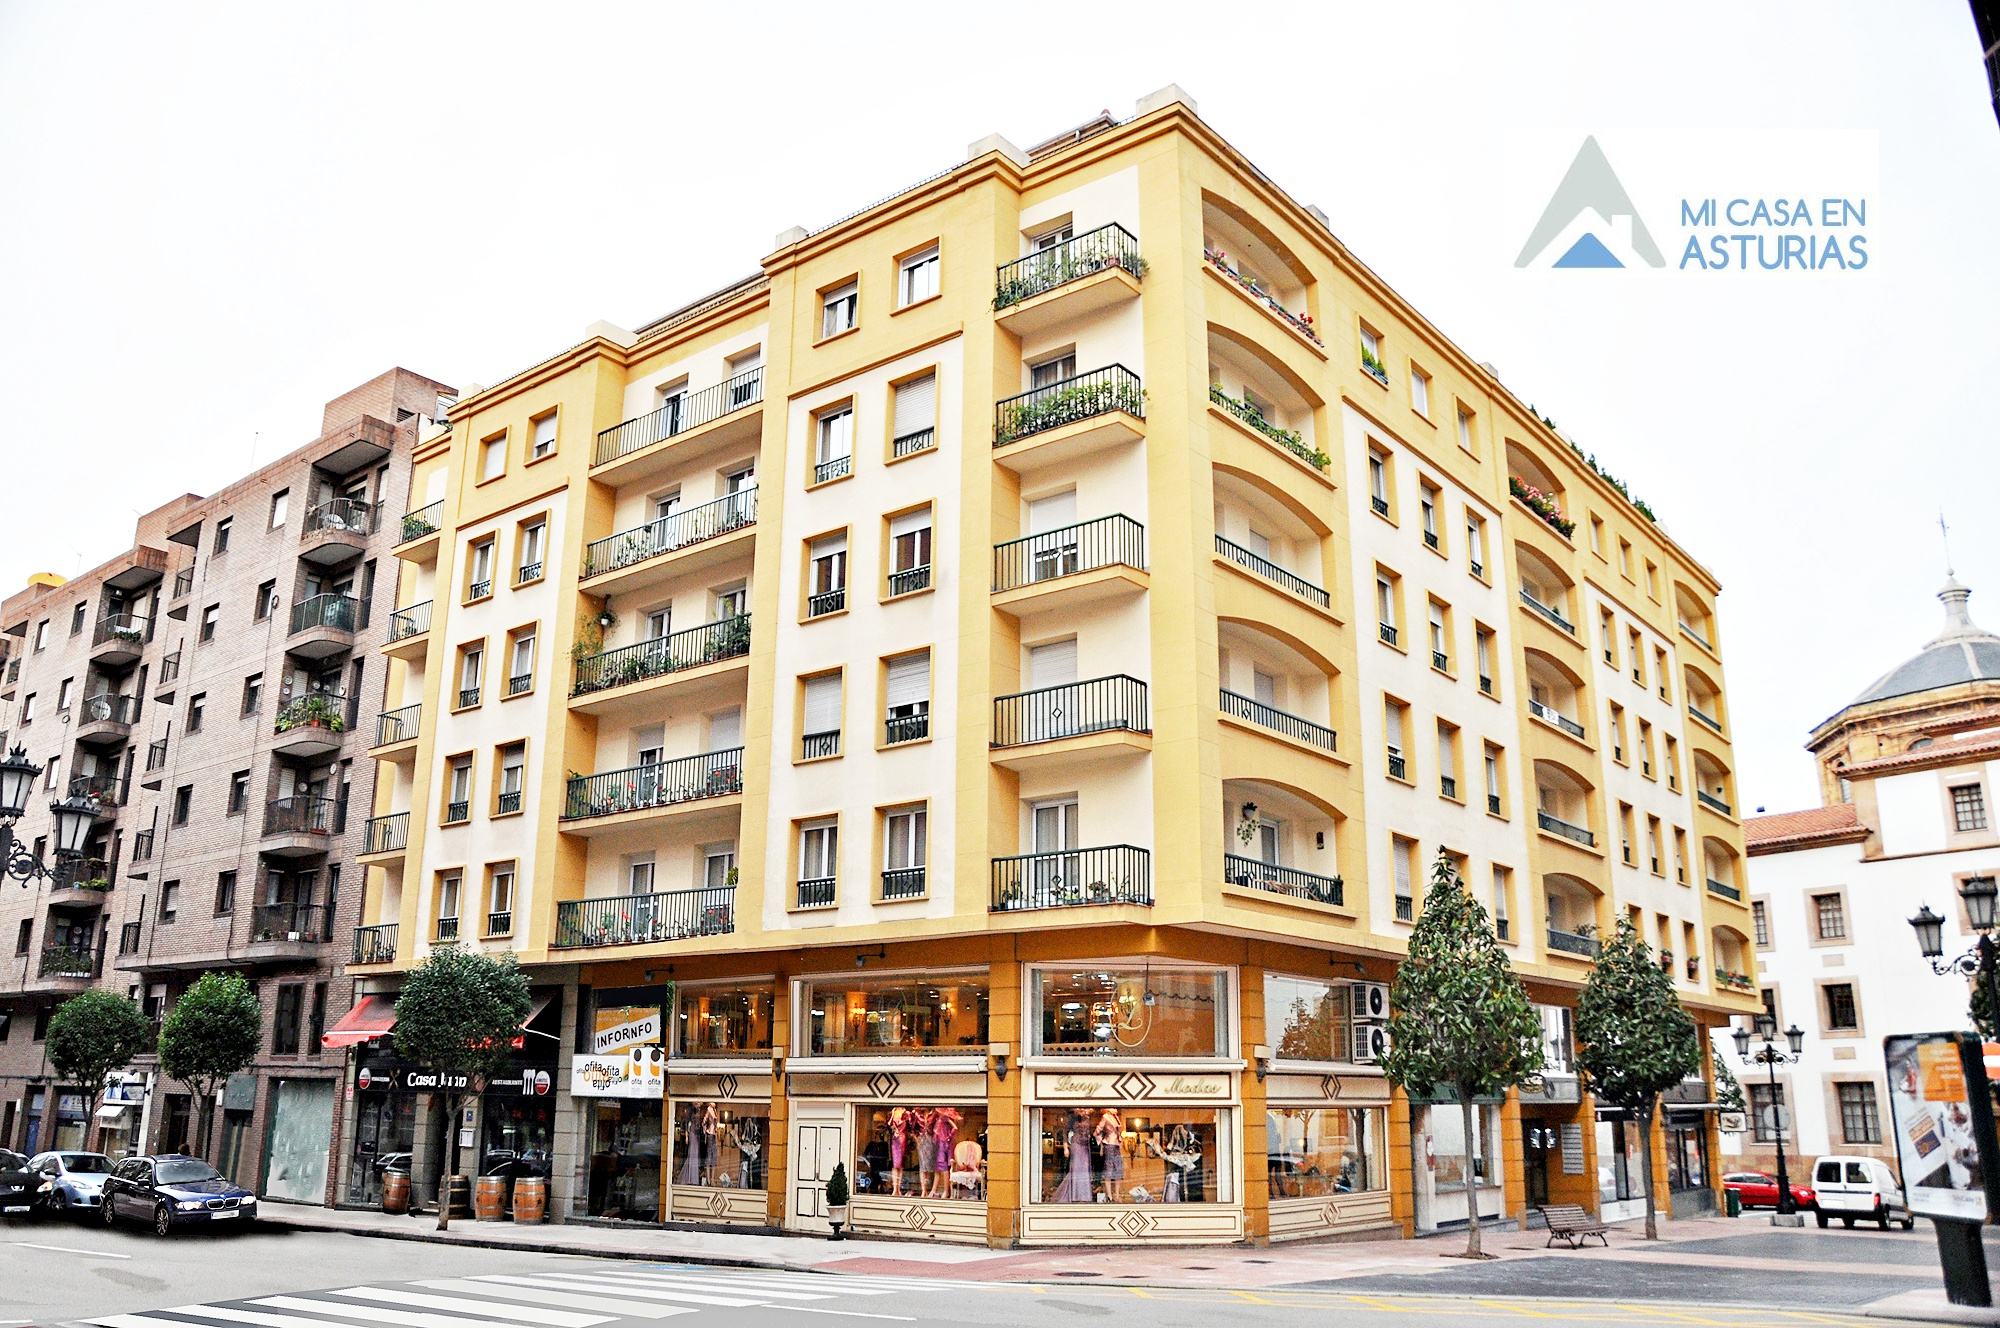 Alquiler de local a pie de calle en Pedro Antonio Menéndez, Oviedo.